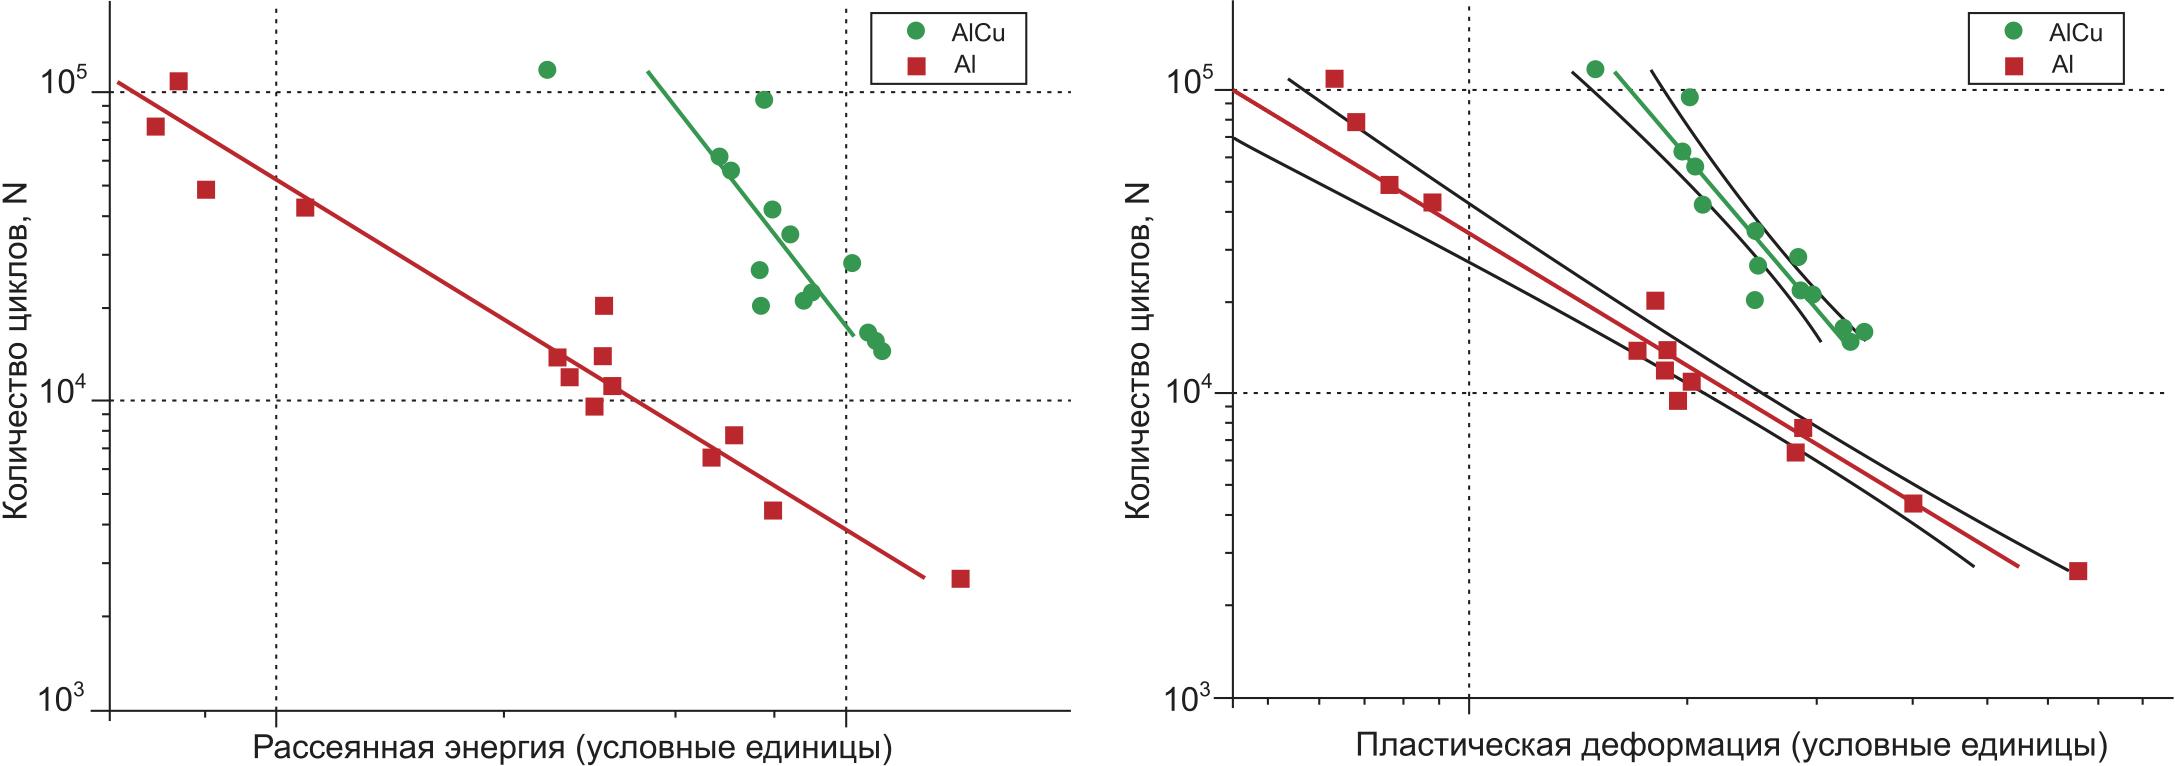 Кривая усталости алюминиевого и медного алюминизированного проводника (тип «В») для пластической деформации (справа) и рассеянной энергии (слева)